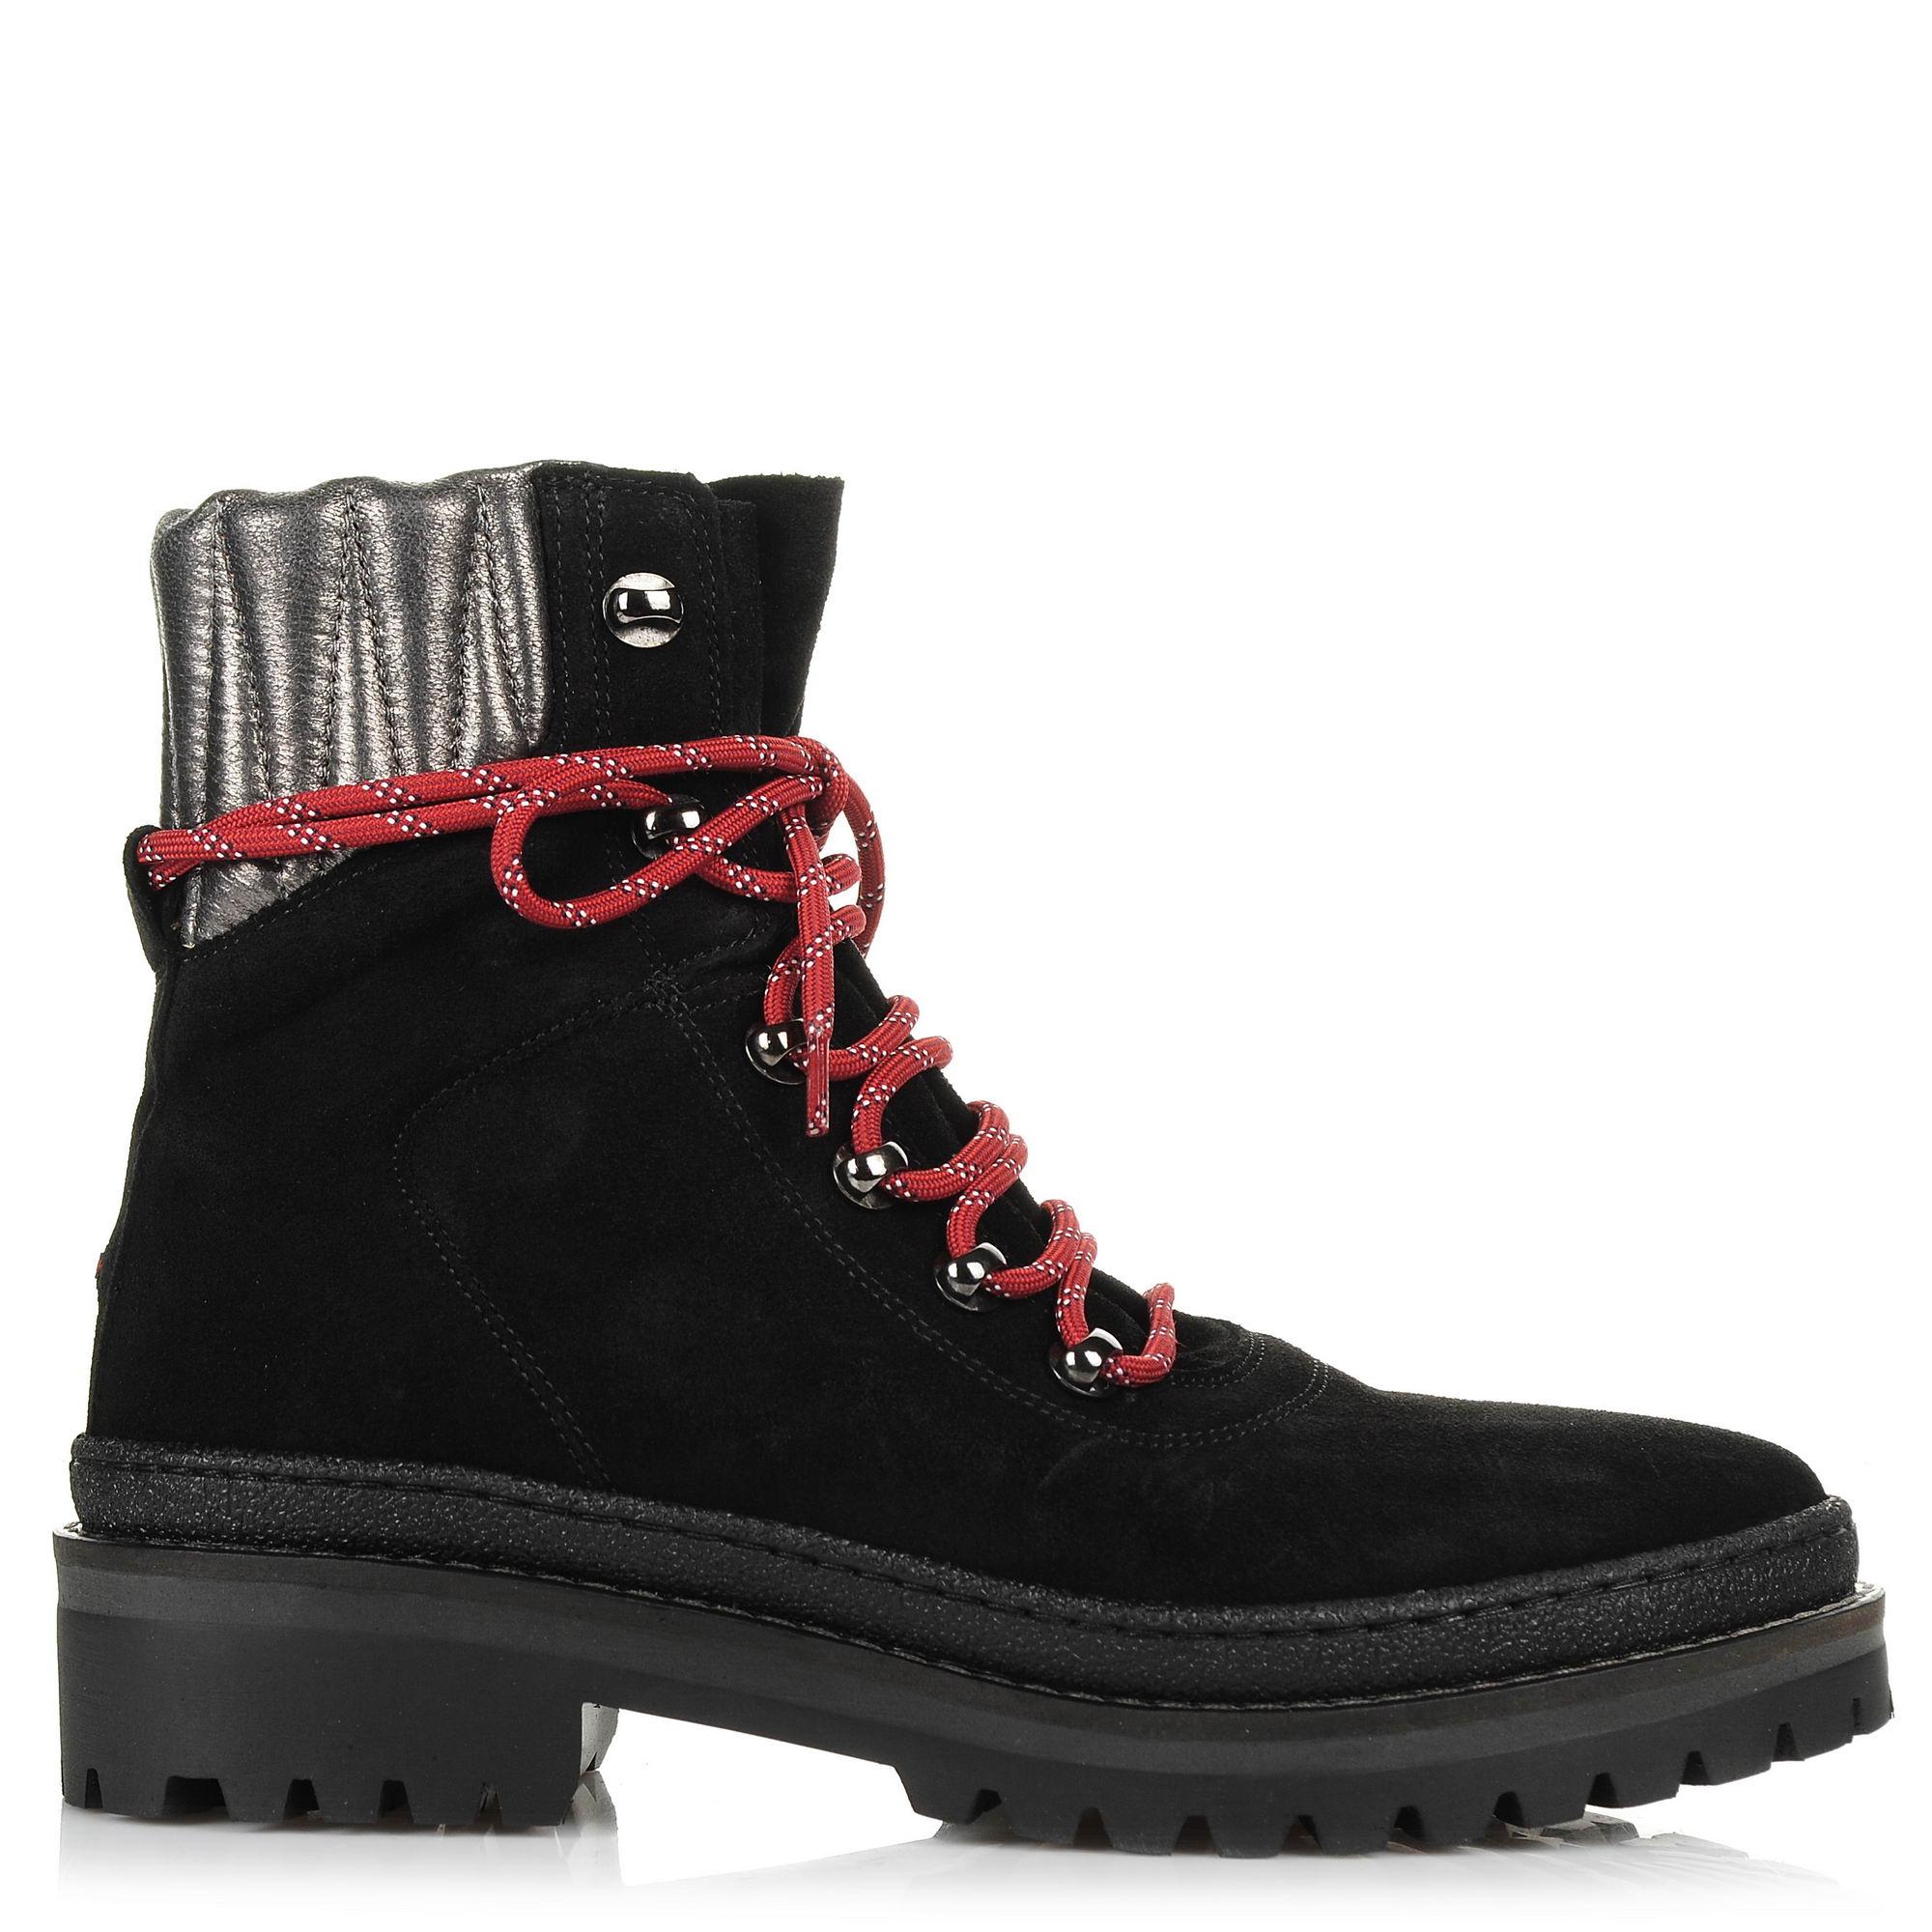 Δερμάτινα Μποτάκια Tommy Hilfiger Modern Hiking Boot S FW0FW03048 γυναικα   γυναικείο παπούτσι